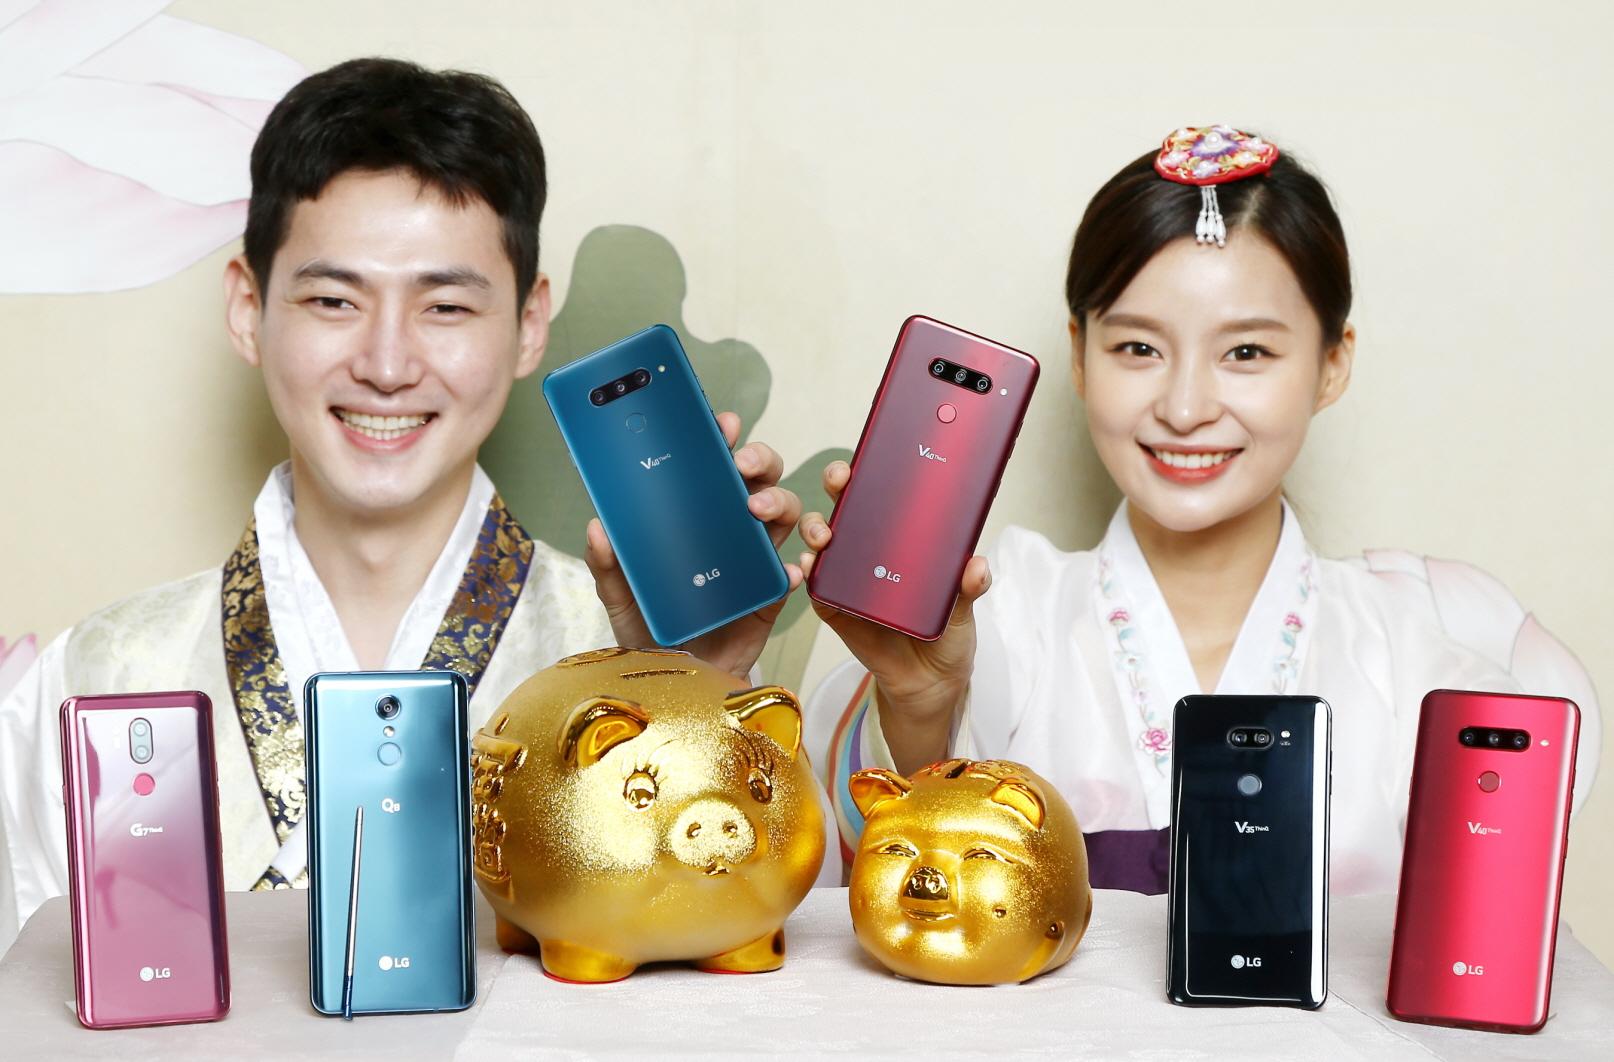 LG전자가 새해를 맞아 고객들이 부담 없이 LG 스마트폰을 사용할 수 있도록 다양하면서도 실용적인 구매혜택을 제공한다. 특히 지난해부터 업계 최고 수준으로 호평받고 있는 '안심보상 프로그램'도 내달 말까지 연장하며 혜택을 늘렸다. LG전자 모델들이 LG 스마트폰 새해맞이 구매혜택을 소개하고 있다.